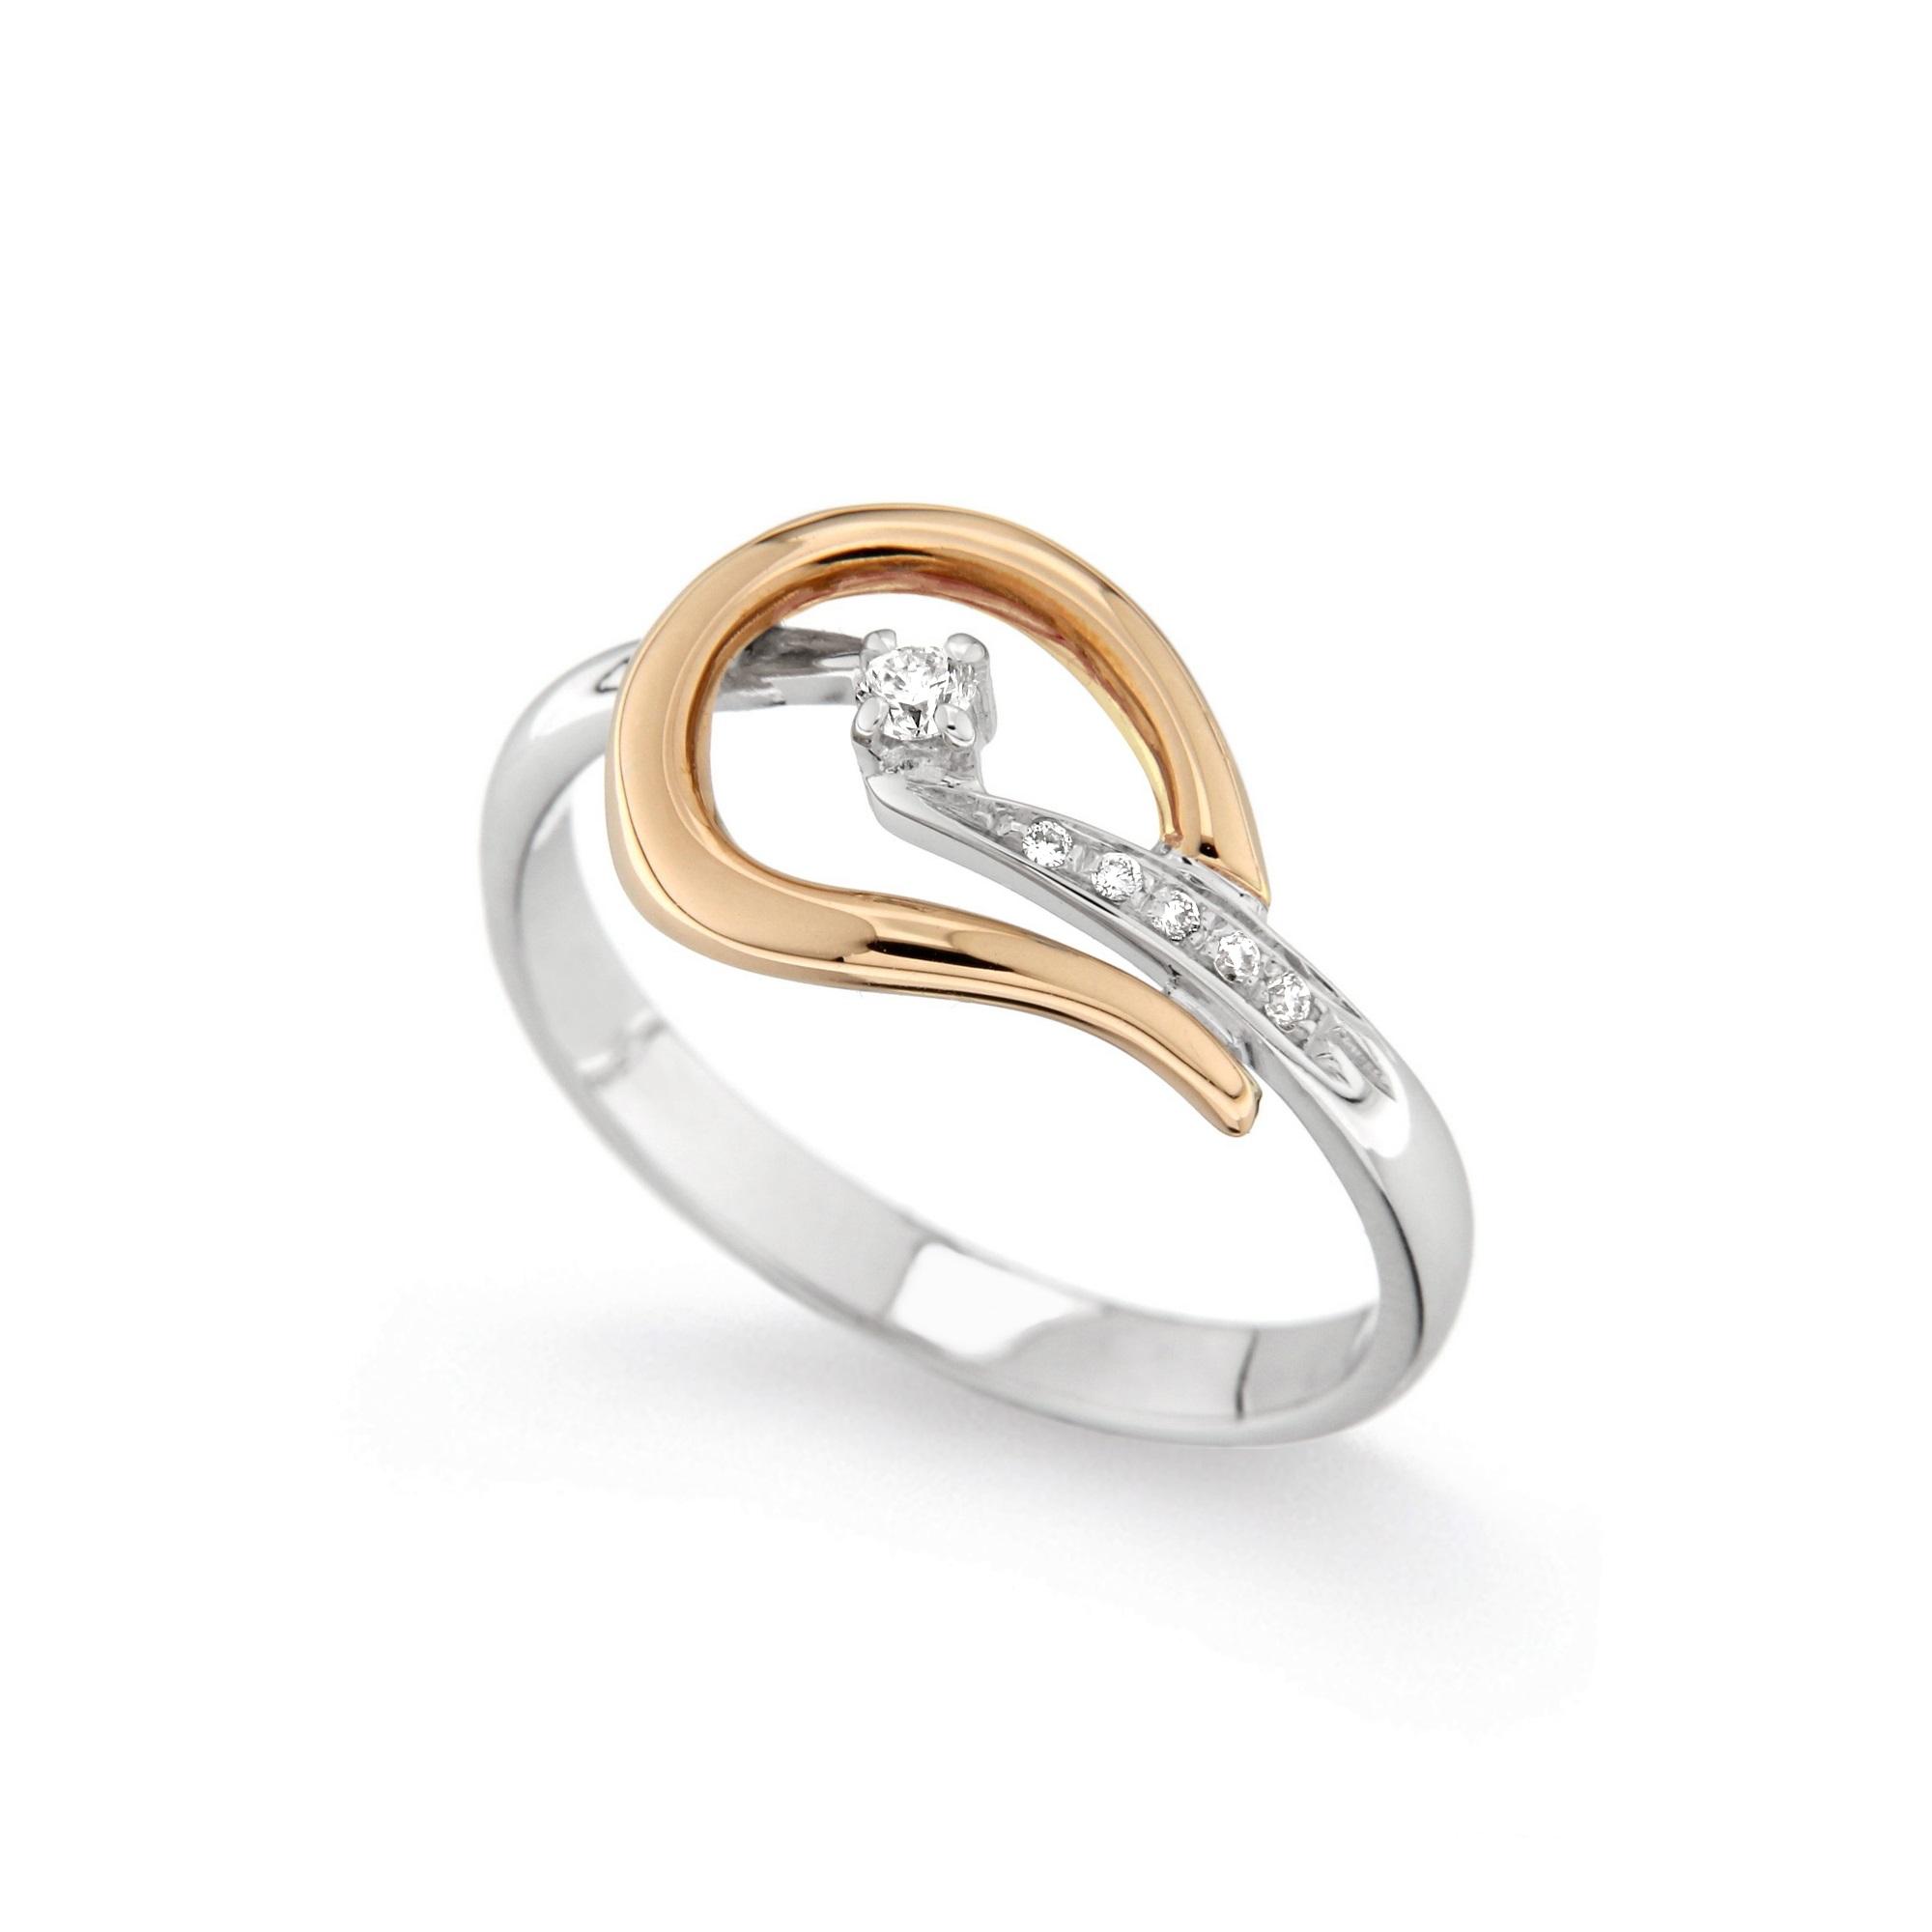 Inel de logodna din aur 18K cu diamante 0,09 ct., model Orsini 2441G